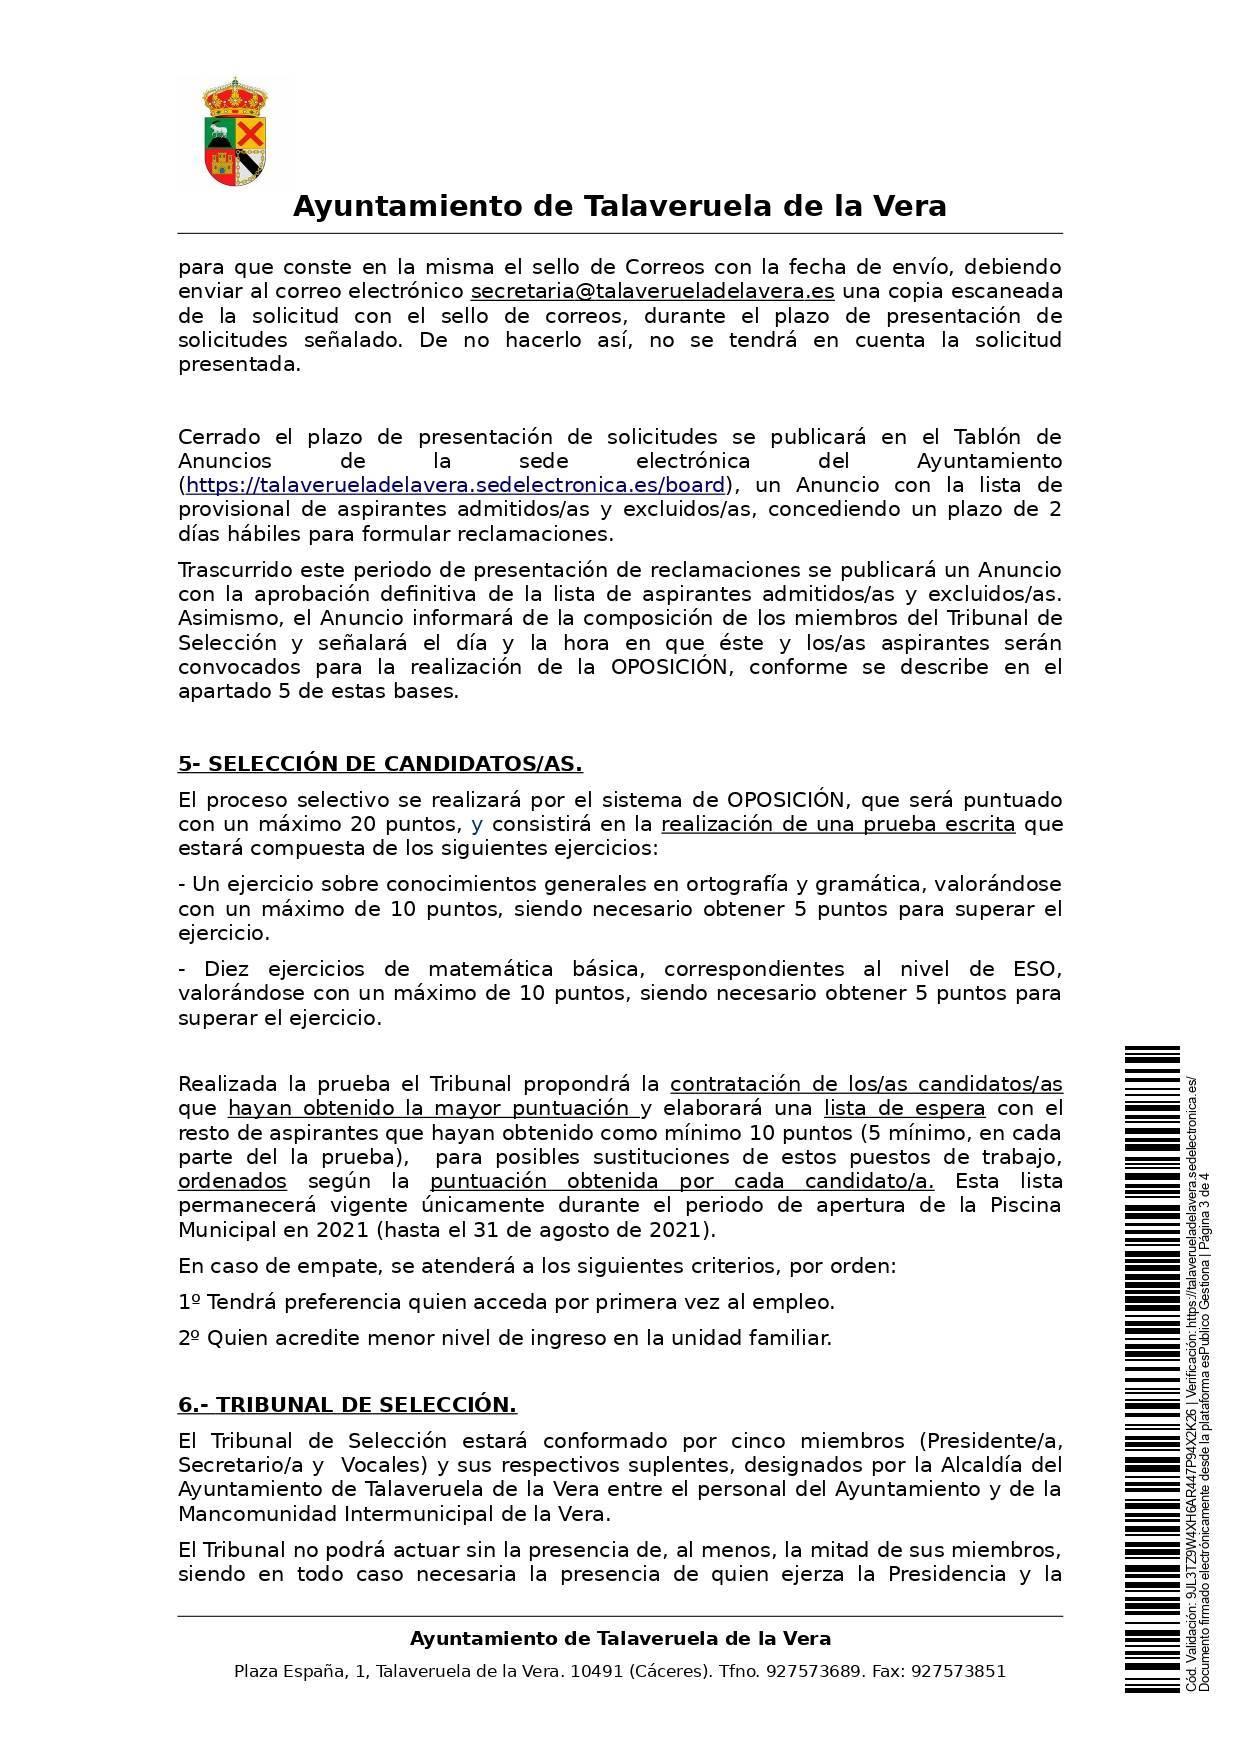 2 taquilleros-as para la piscina municipal (2021) - Talaveruela de la Vera (Cáceres) 3